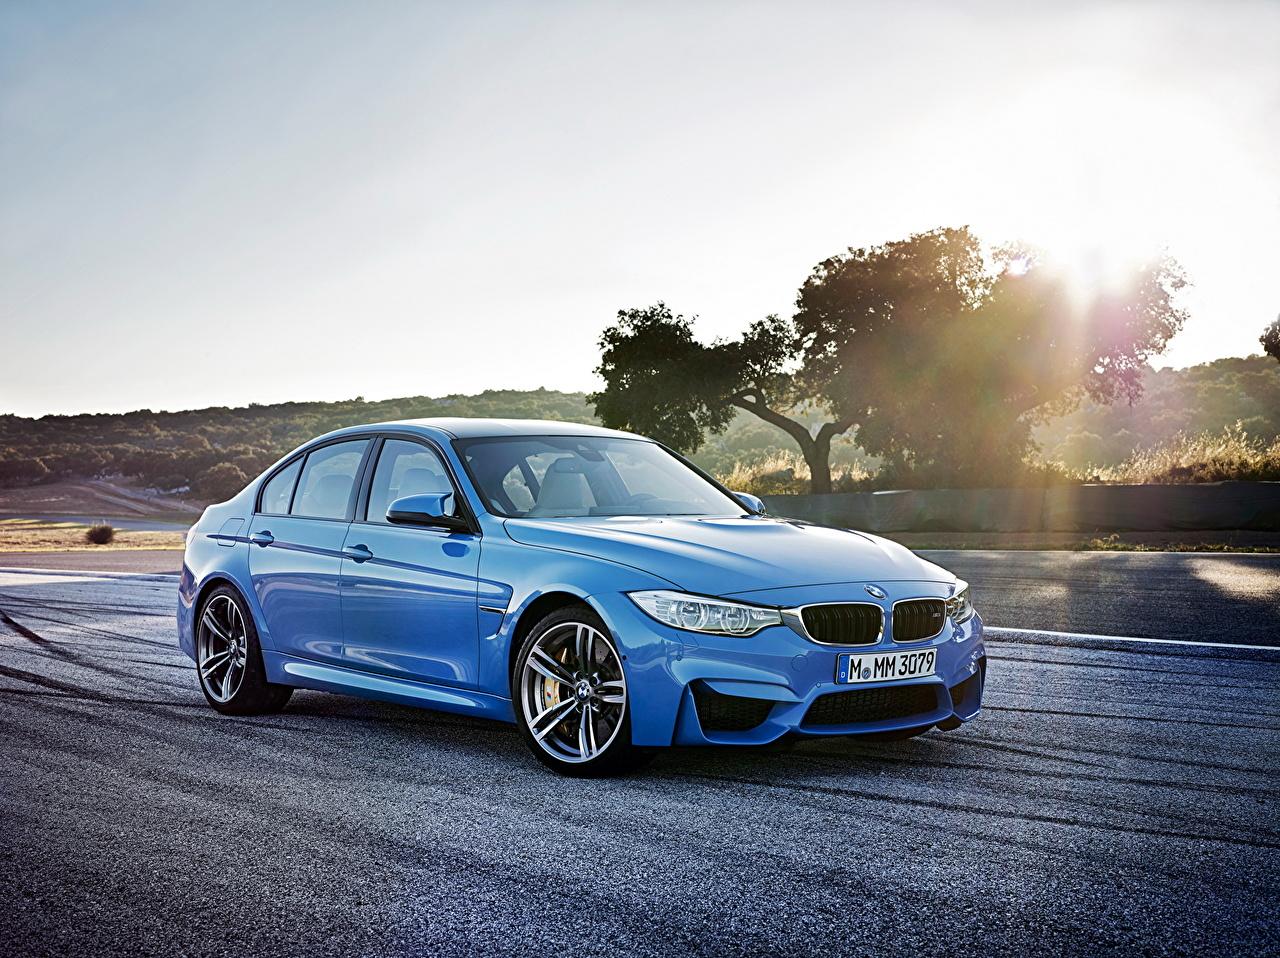 Фотография BMW 2014 M3 голубая Дороги Автомобили БМВ Голубой голубые голубых авто машины машина автомобиль